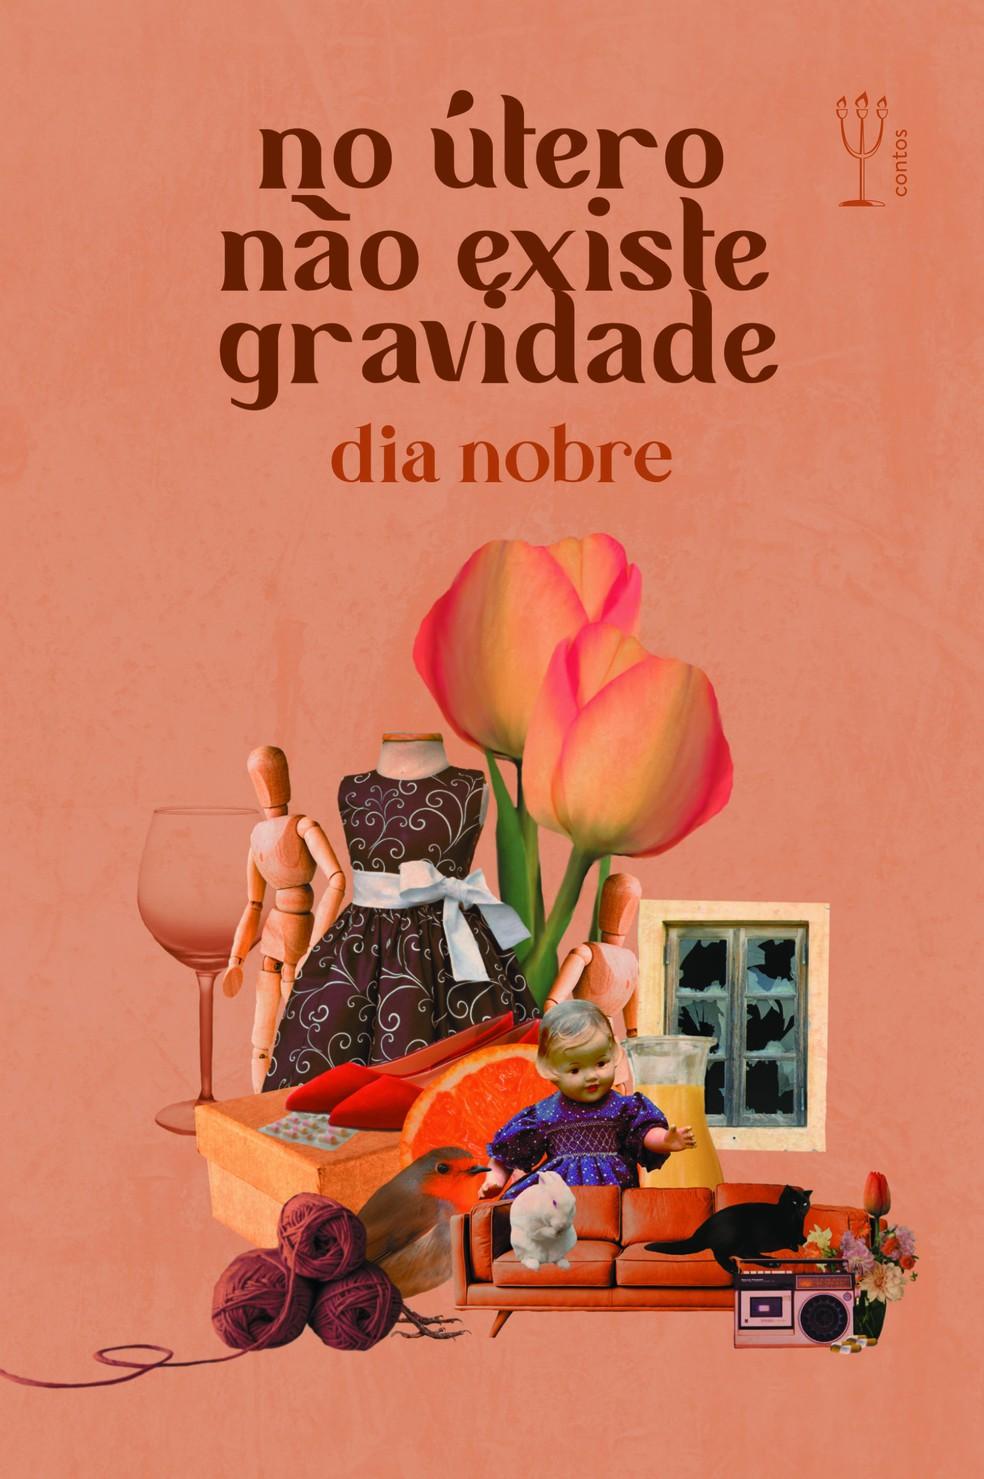 No útero não existe gravidade é o segundo livro da escritora Dia Nobre — Foto: Divulgação